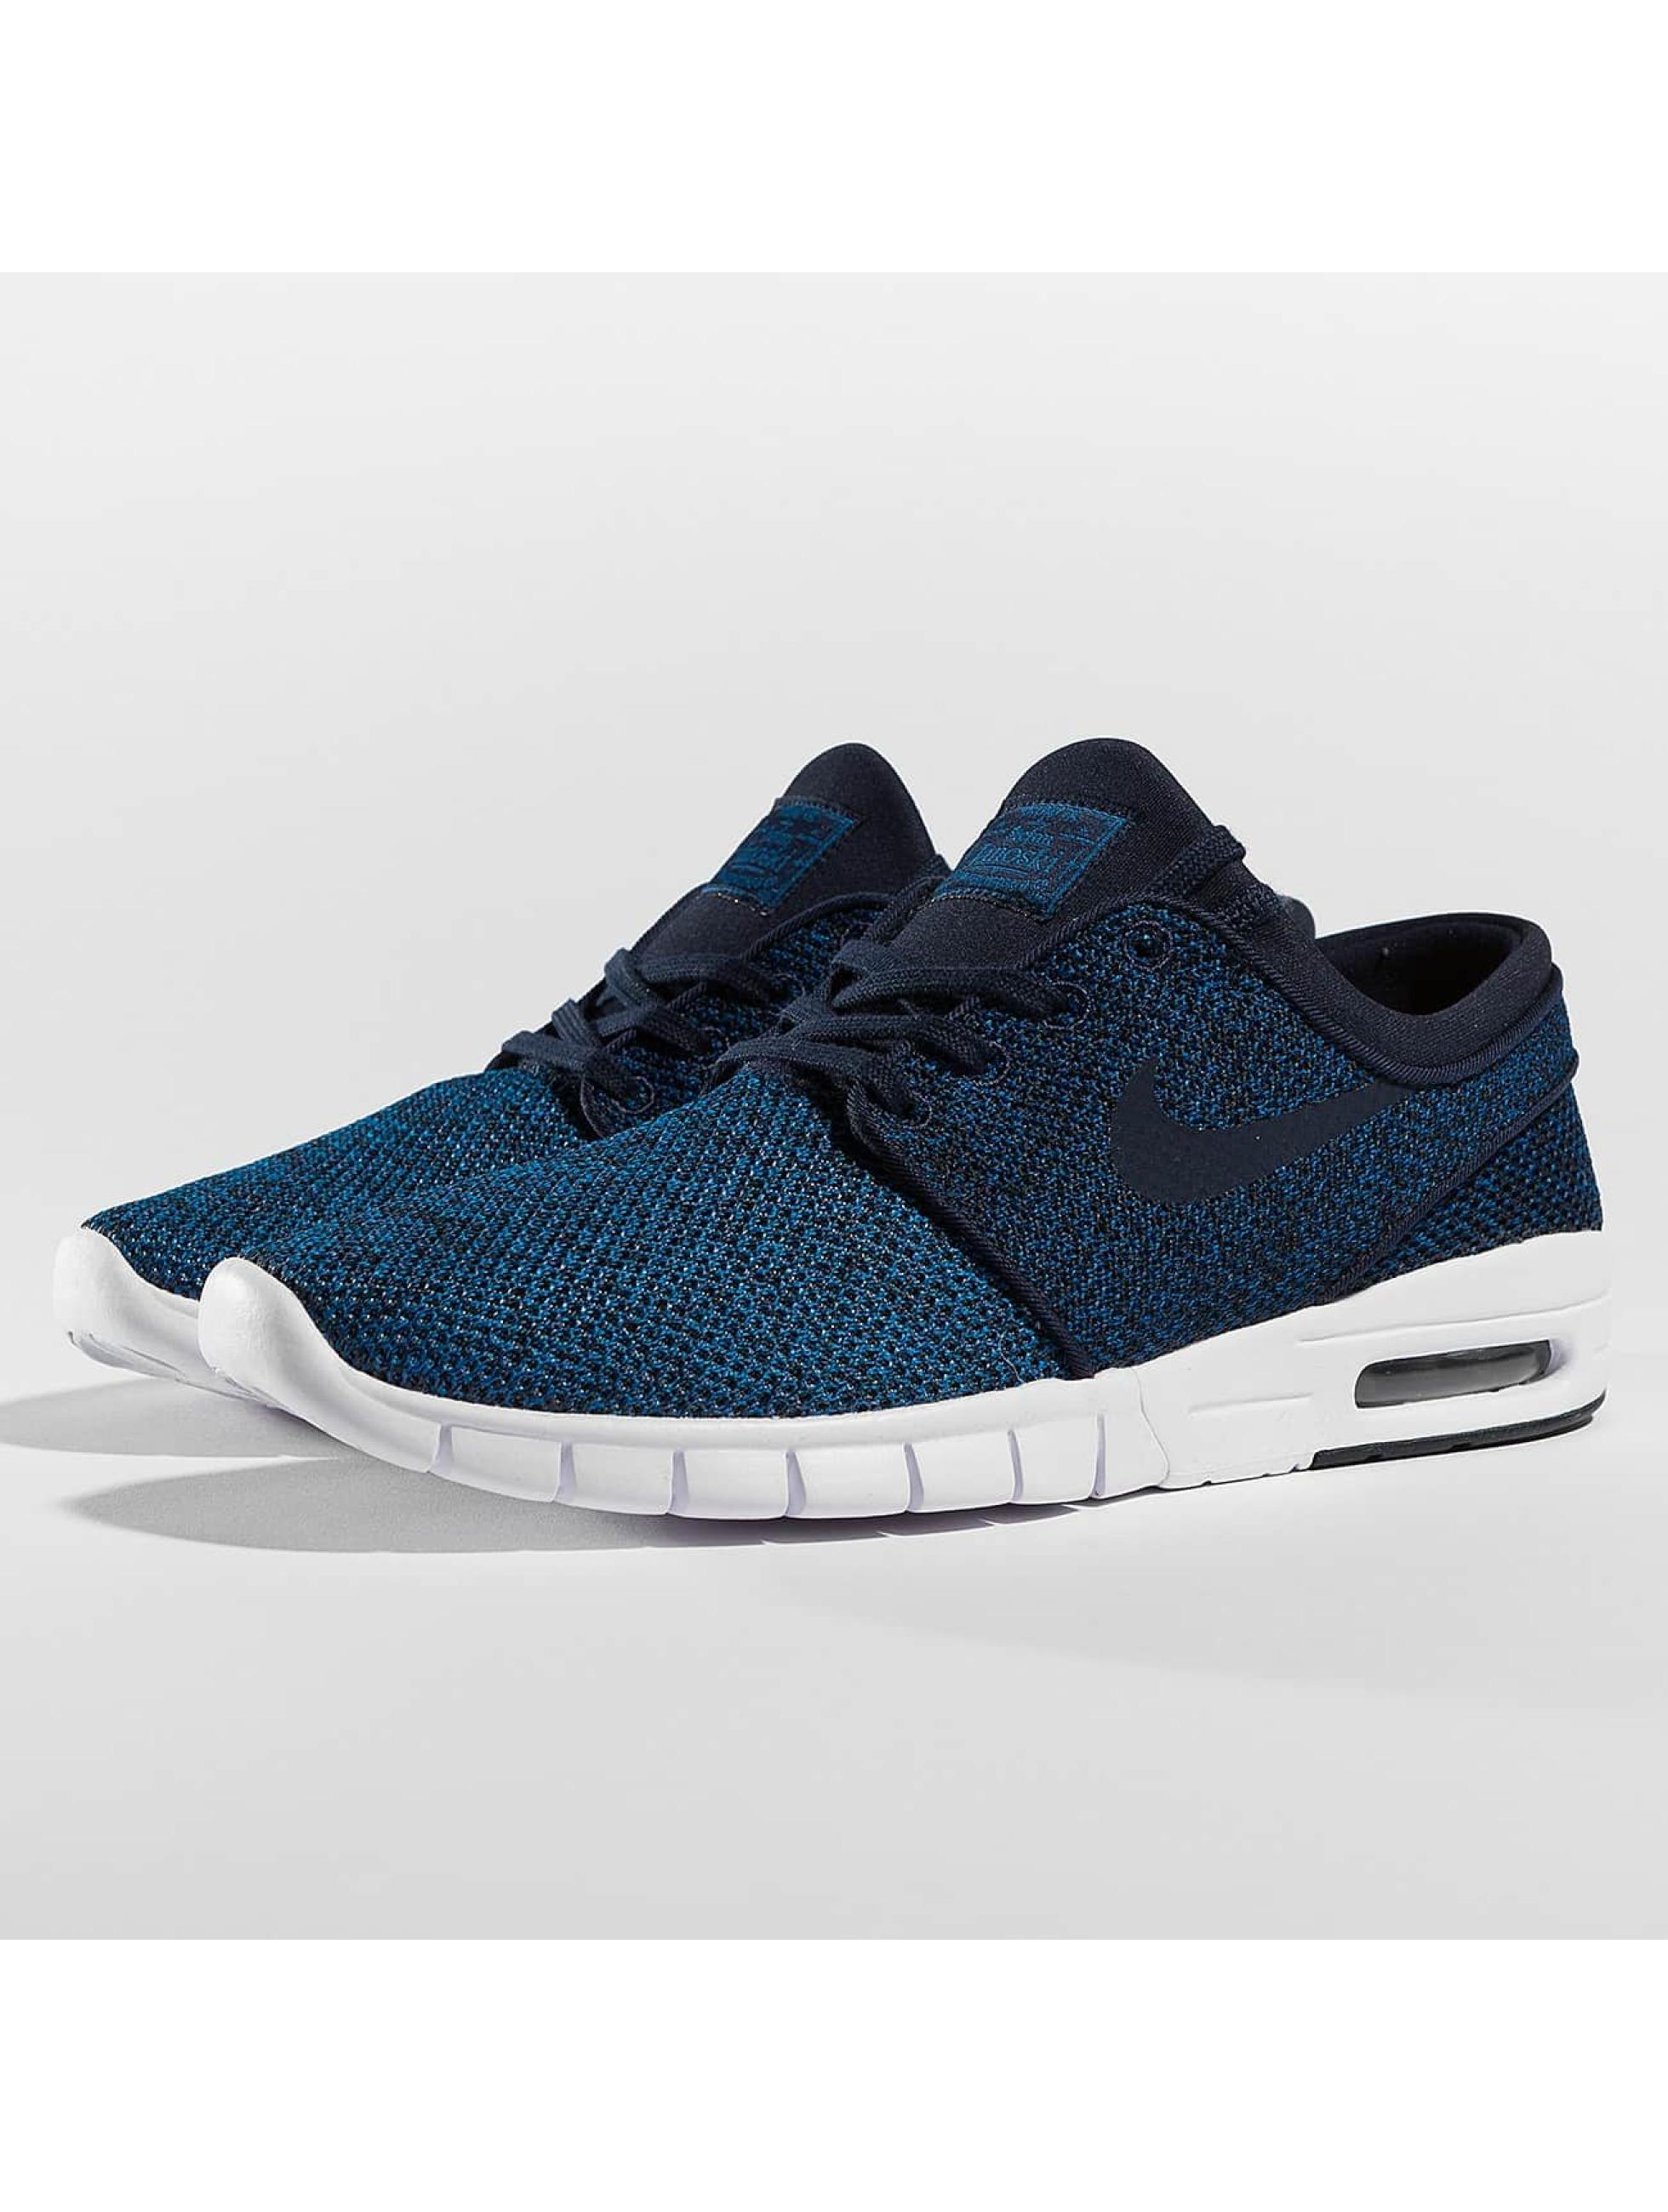 Nike SB Chaussures / Baskets Stefan Janoski Max en bleu